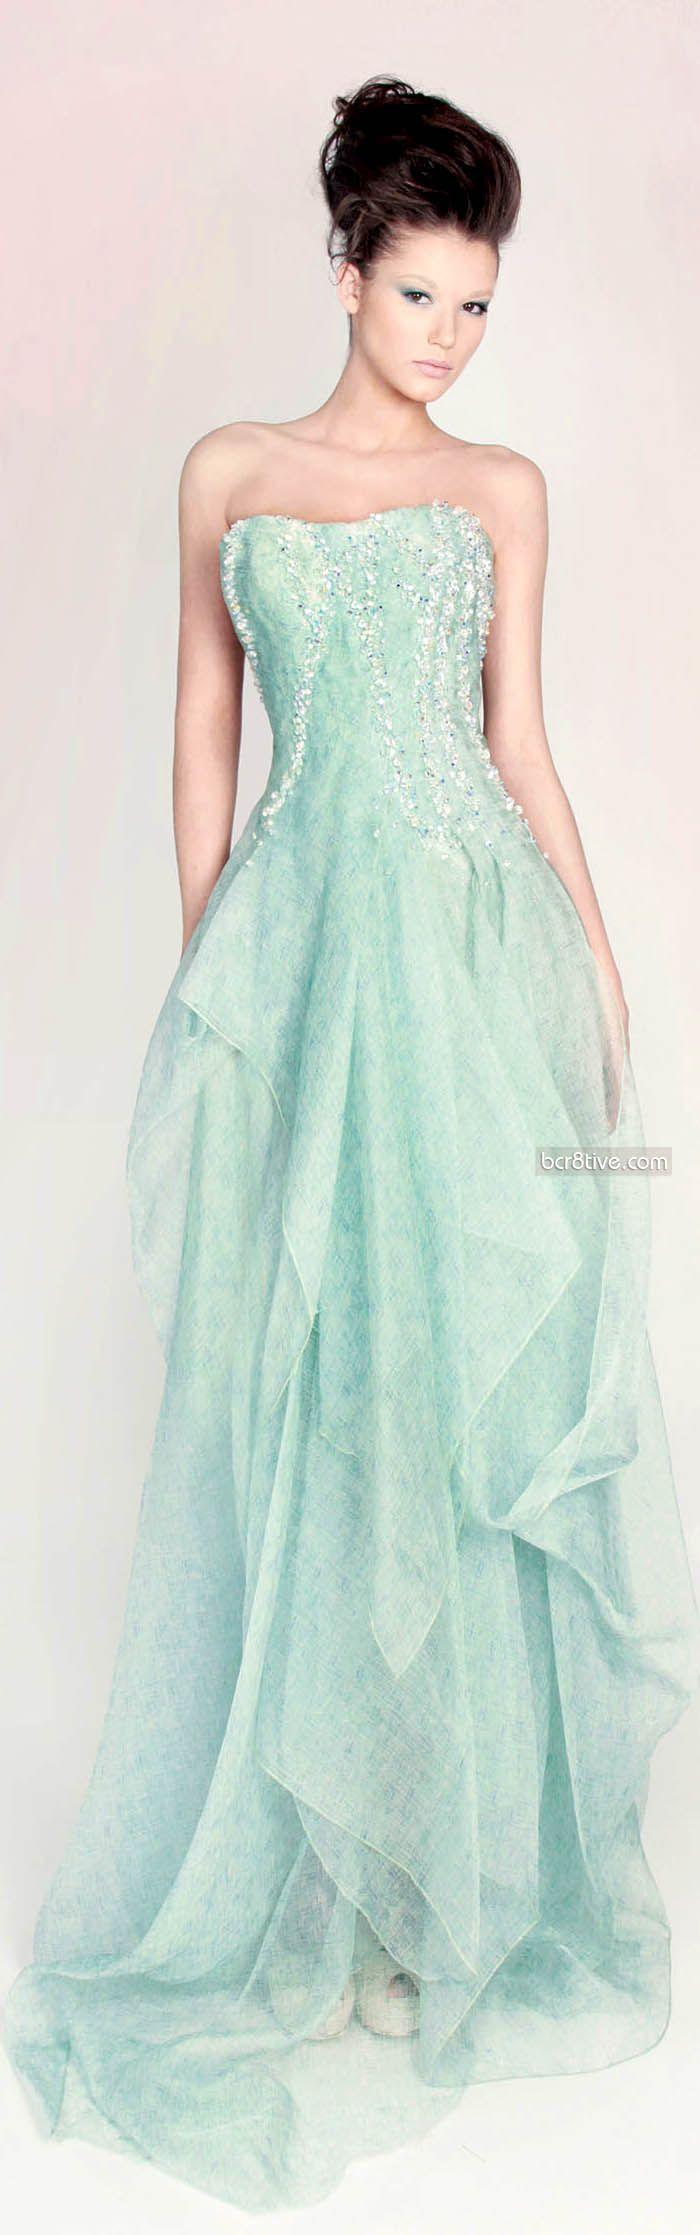 23 besten Abiballkleider Bilder auf Pinterest | Abendkleider ...